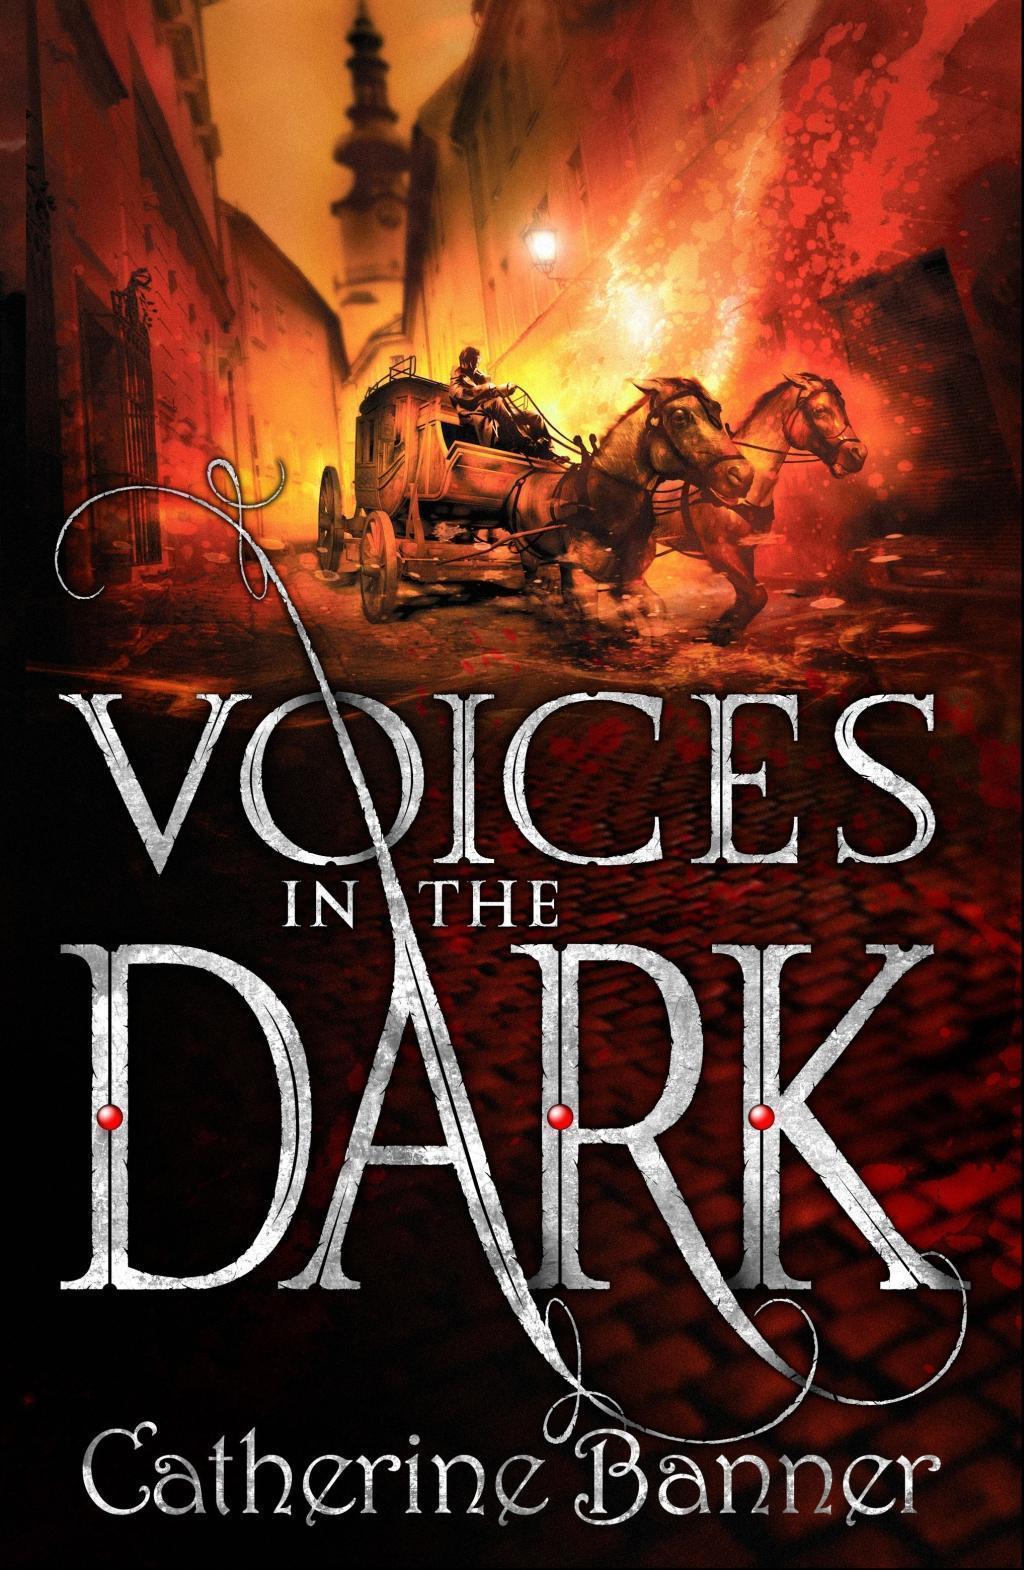 Voices in the Dark